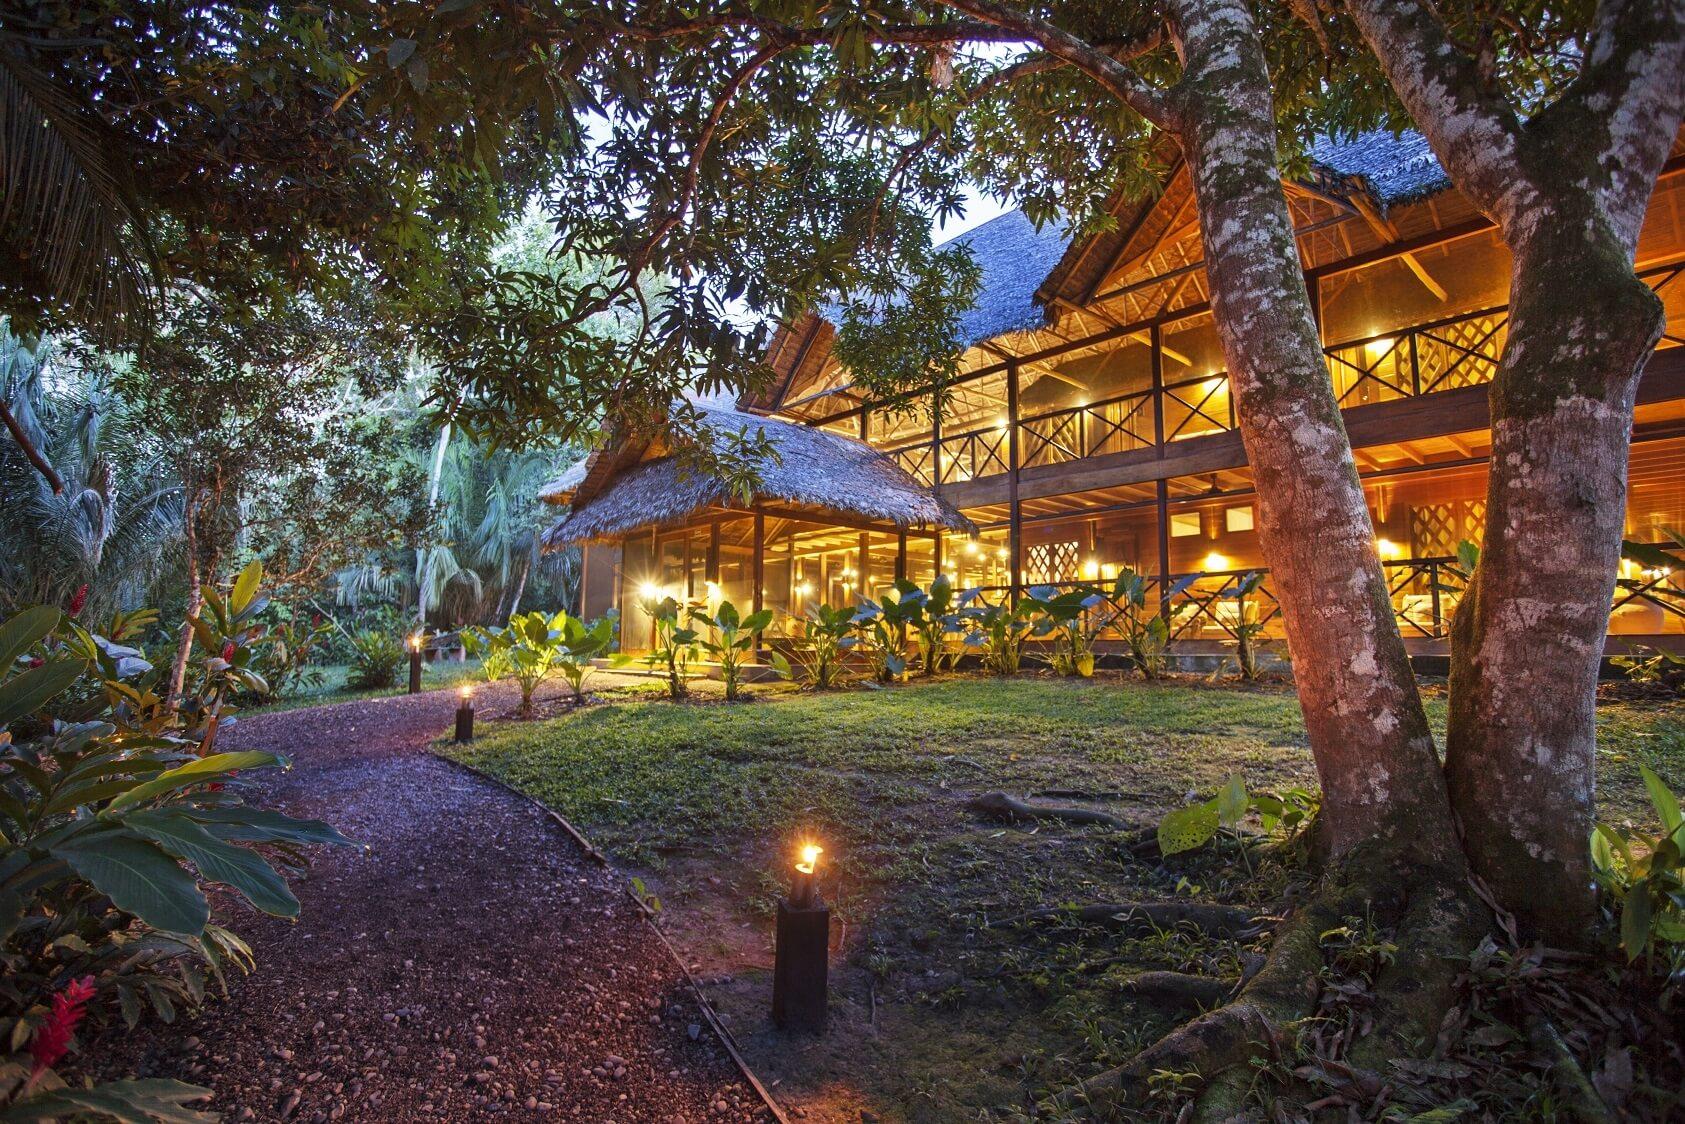 Hotel Inkaterra Hacienda Concepción